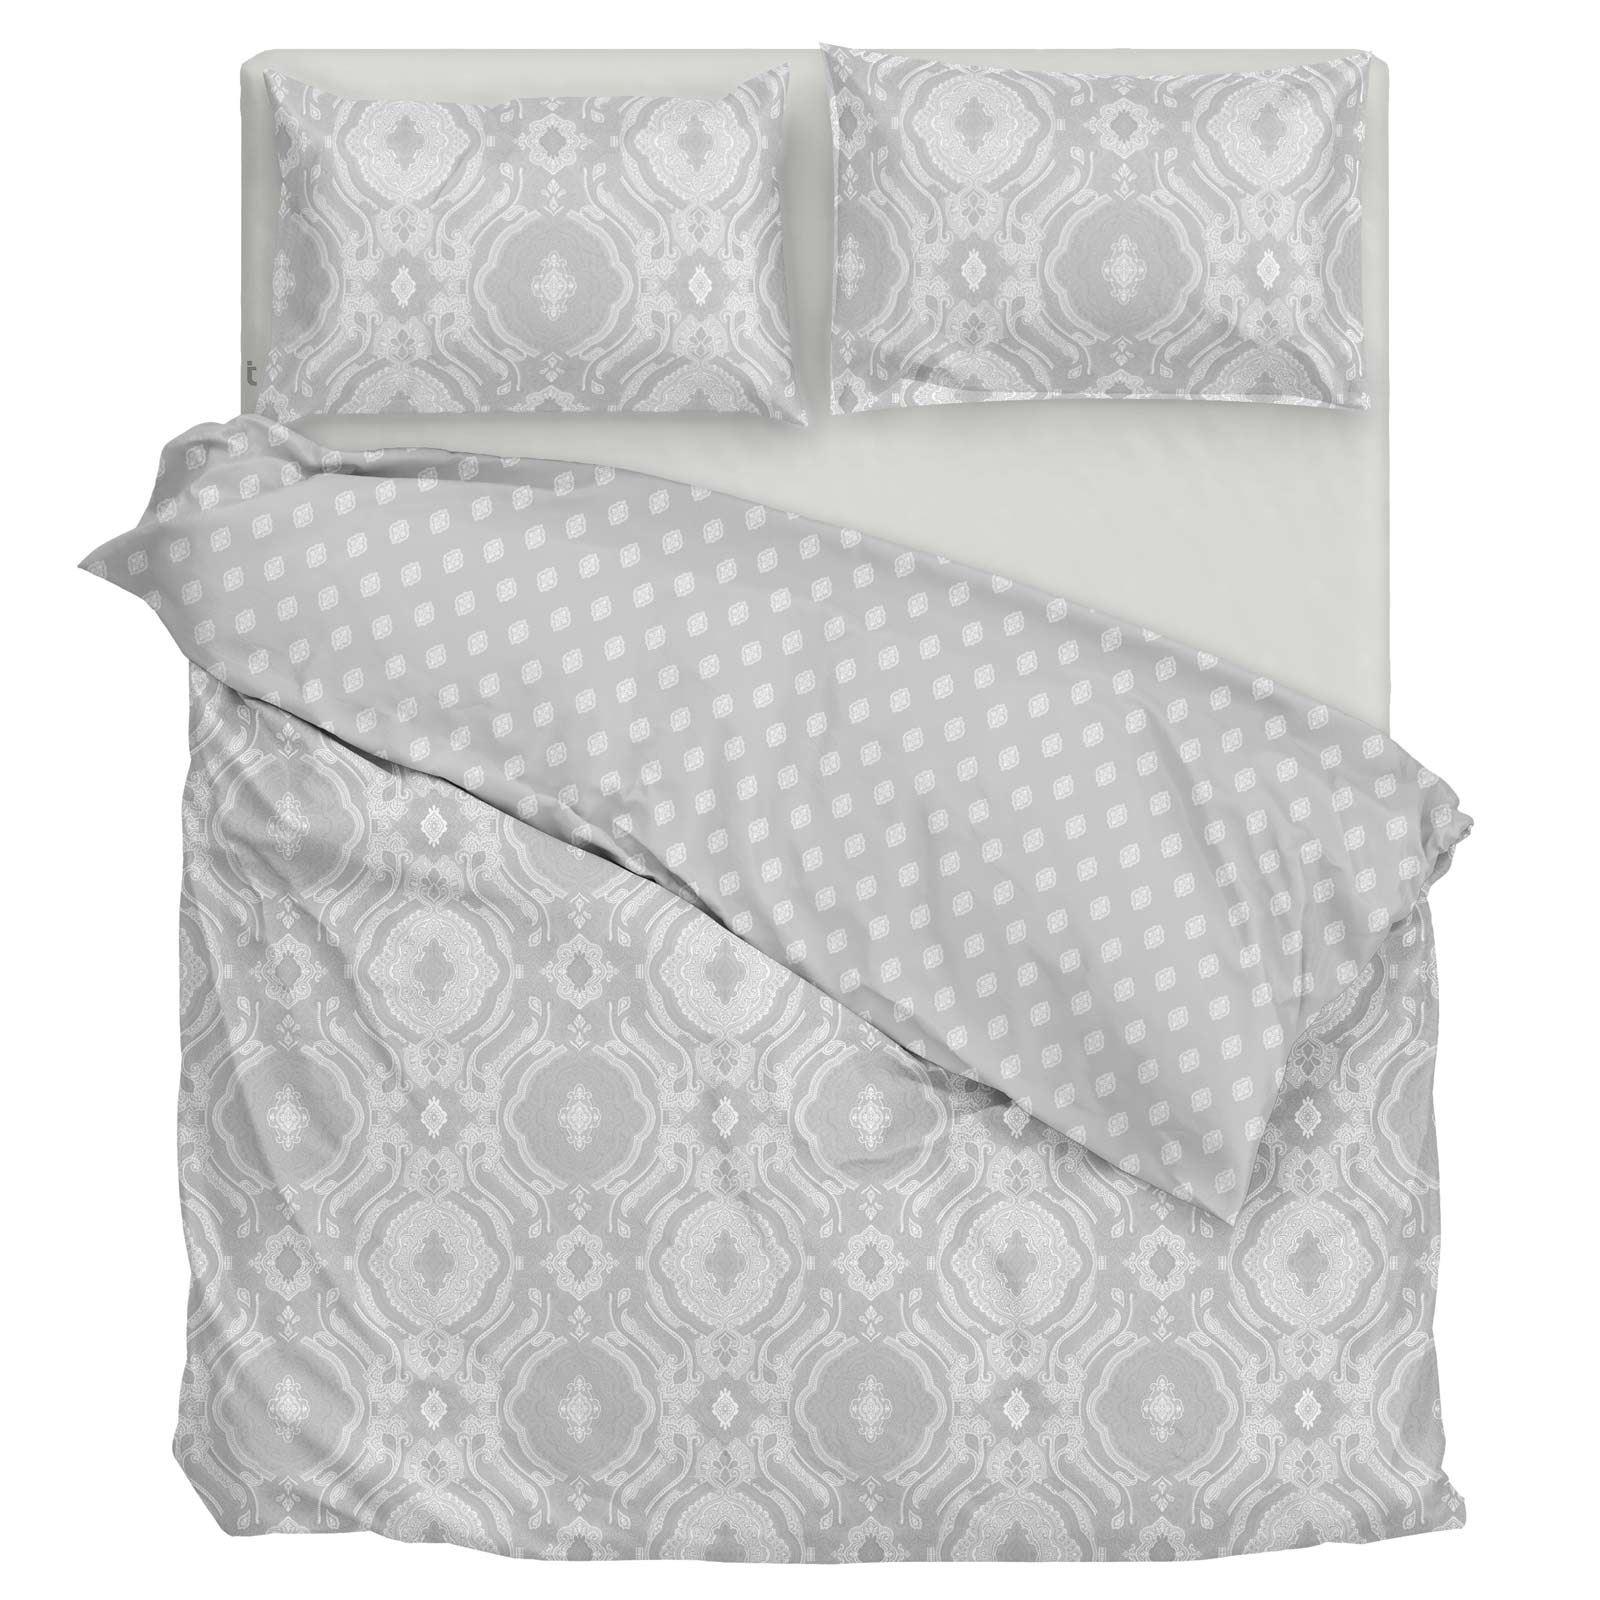 Grigio-Argento-Copripiumino-Stampato-Jacquard-Quilt-Set-Set-di-biancheria-da-letto-copre miniatura 5